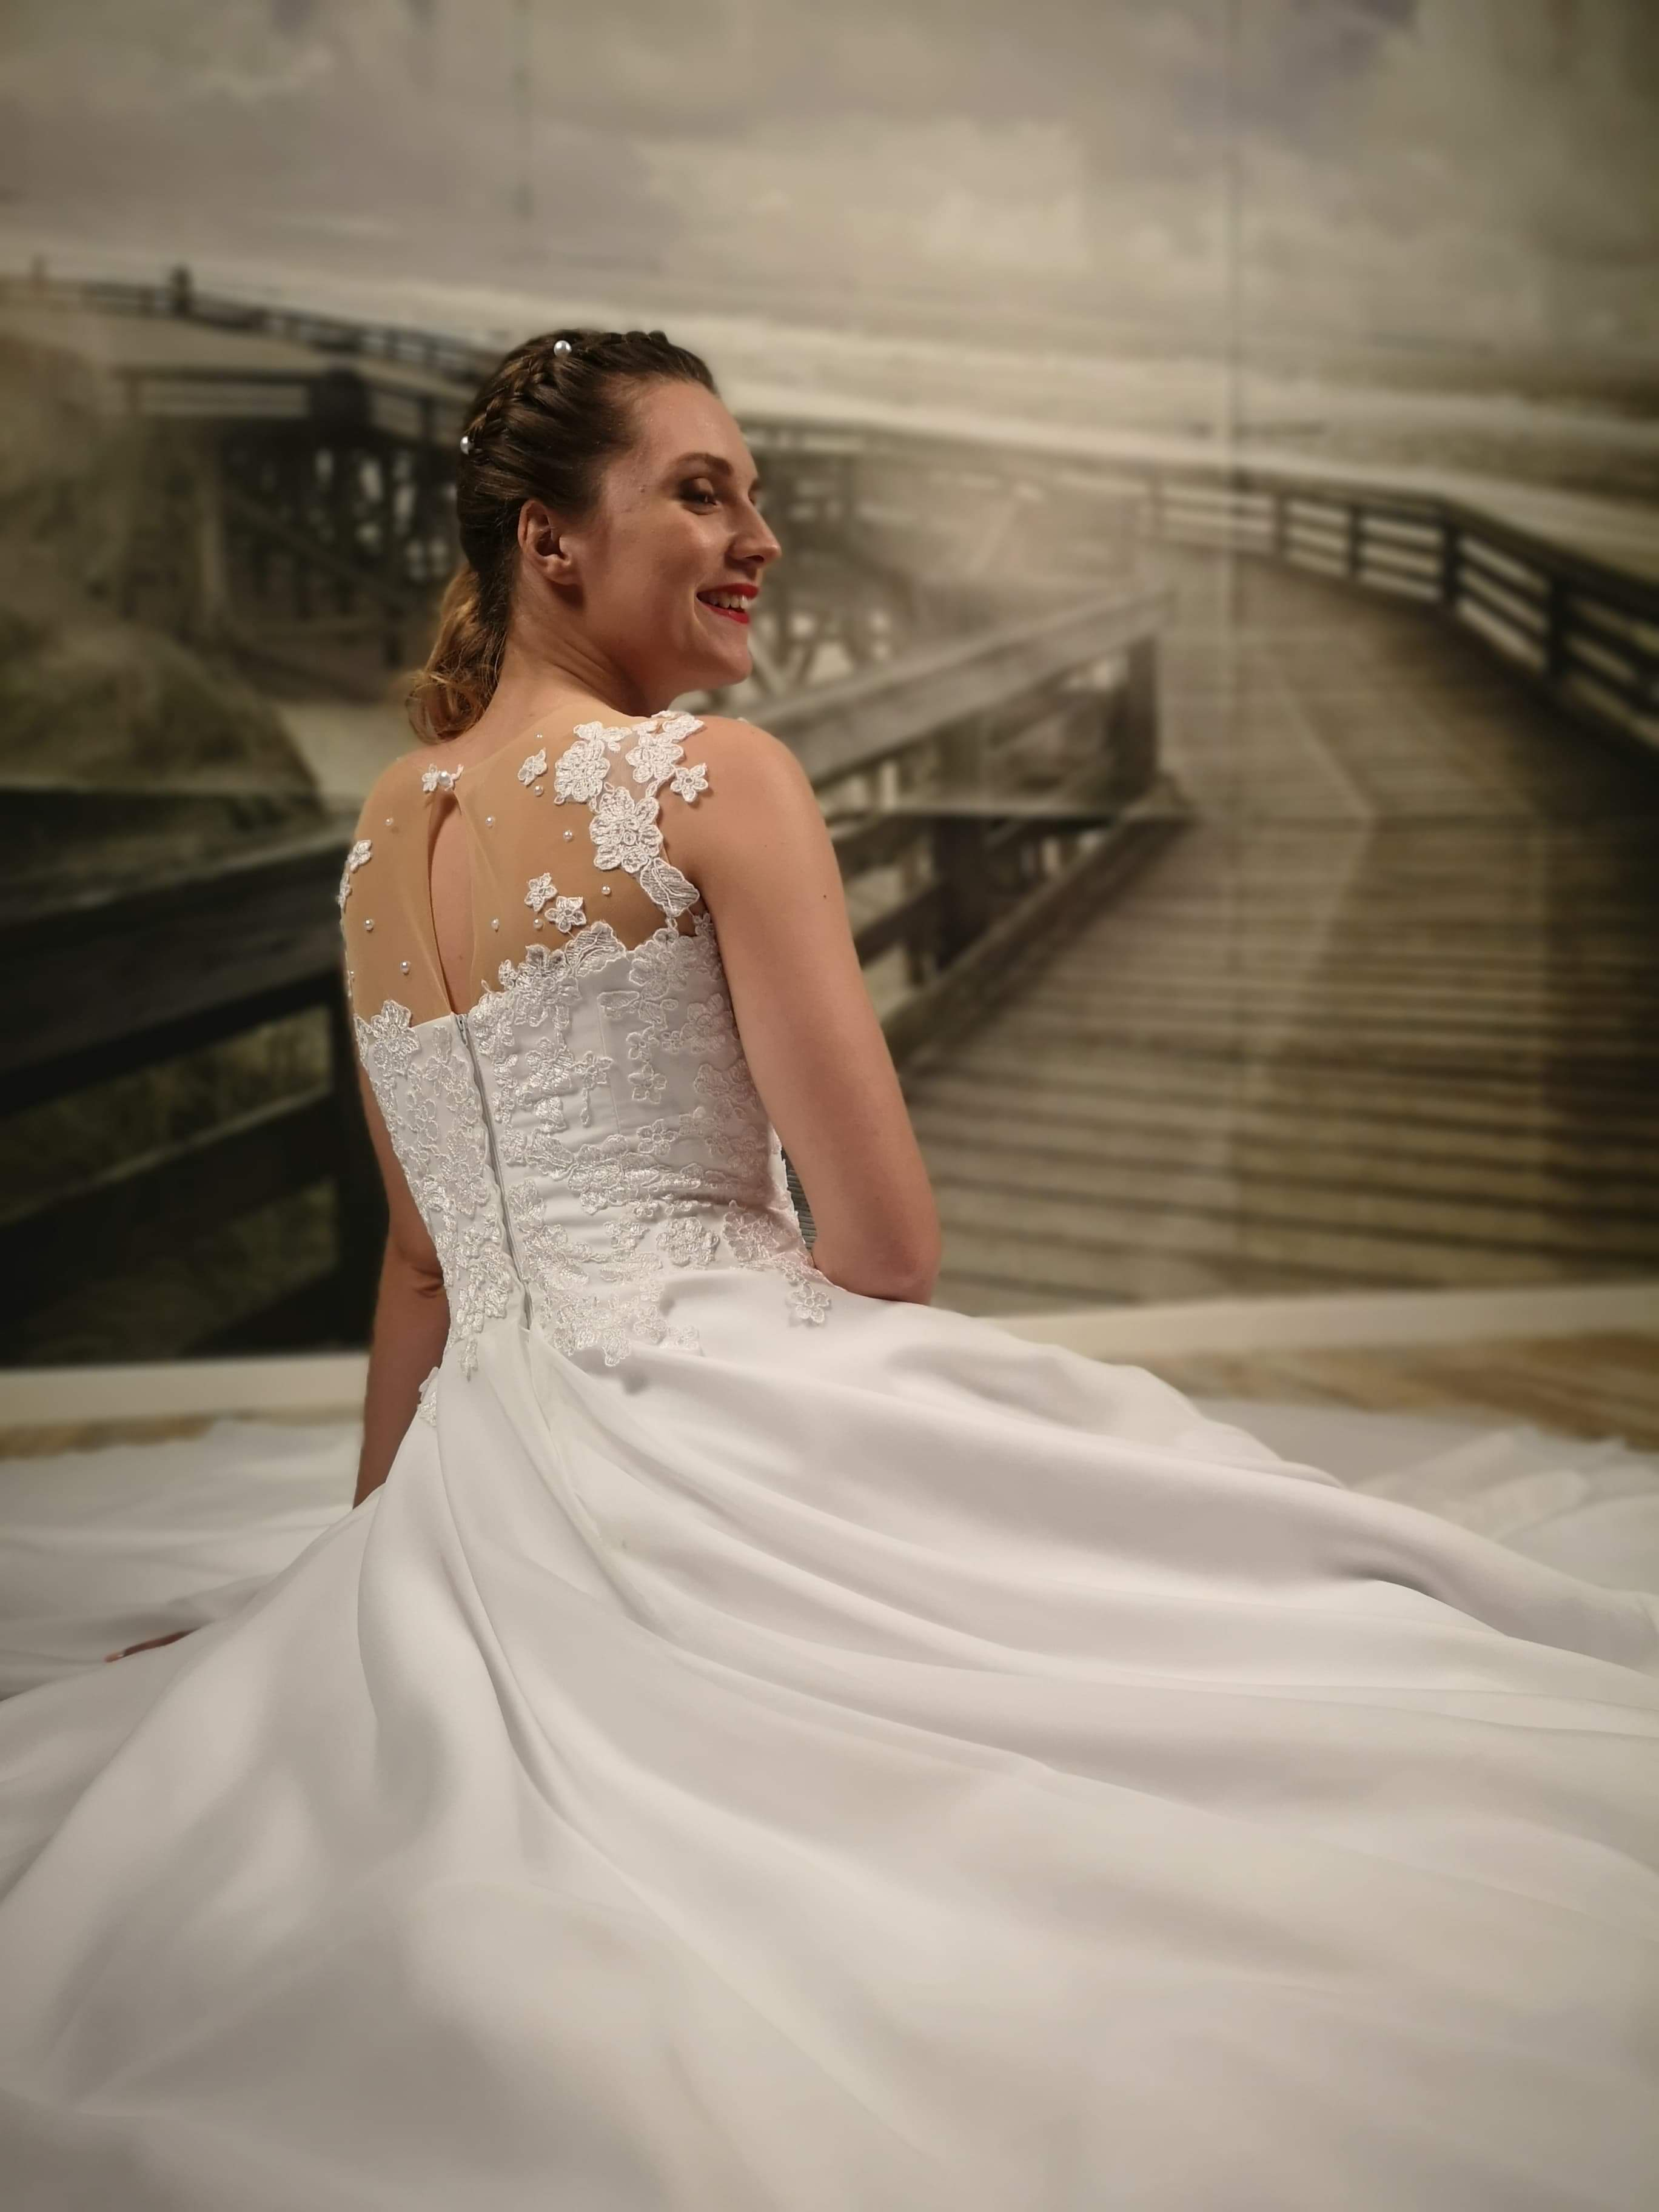 Robe de mariée à domicile -SOPHIA - Robe princesse - Cholet - Boutique de mariage 49 - vente à domicile 49, location robe de mariée 49